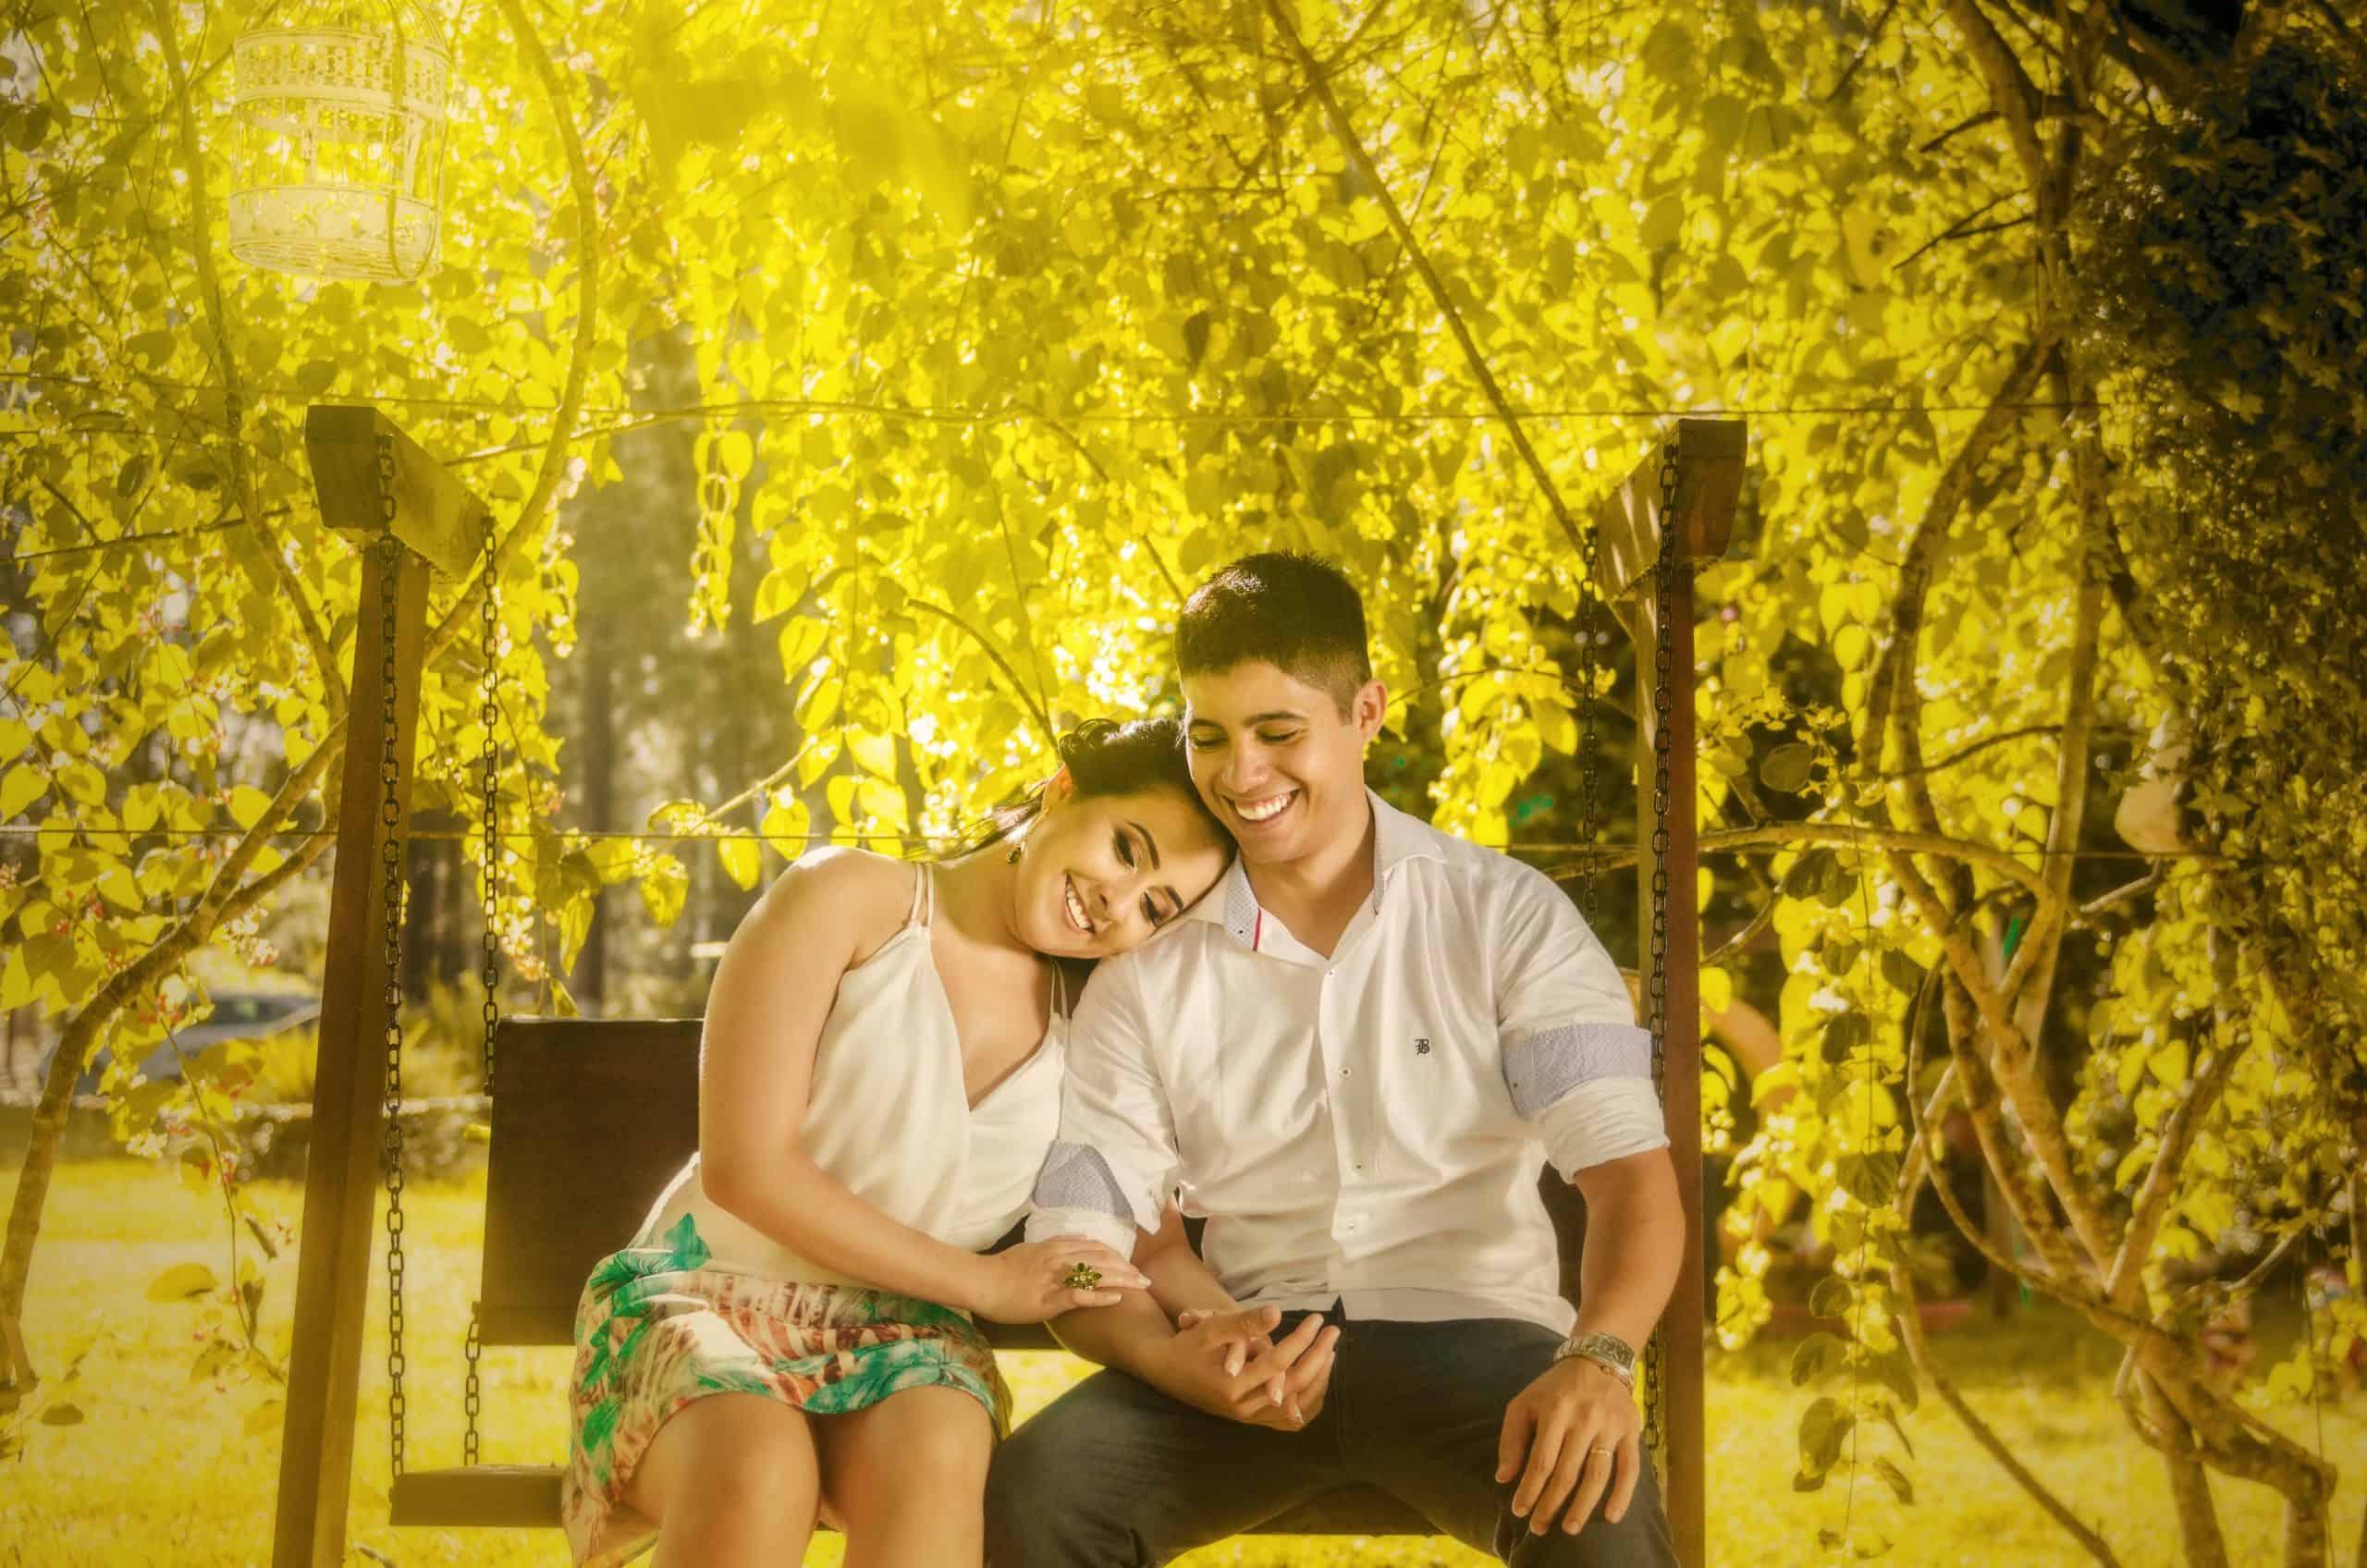 ein lächelndes romantisches Paar sitzt umarmt auf einer Bank